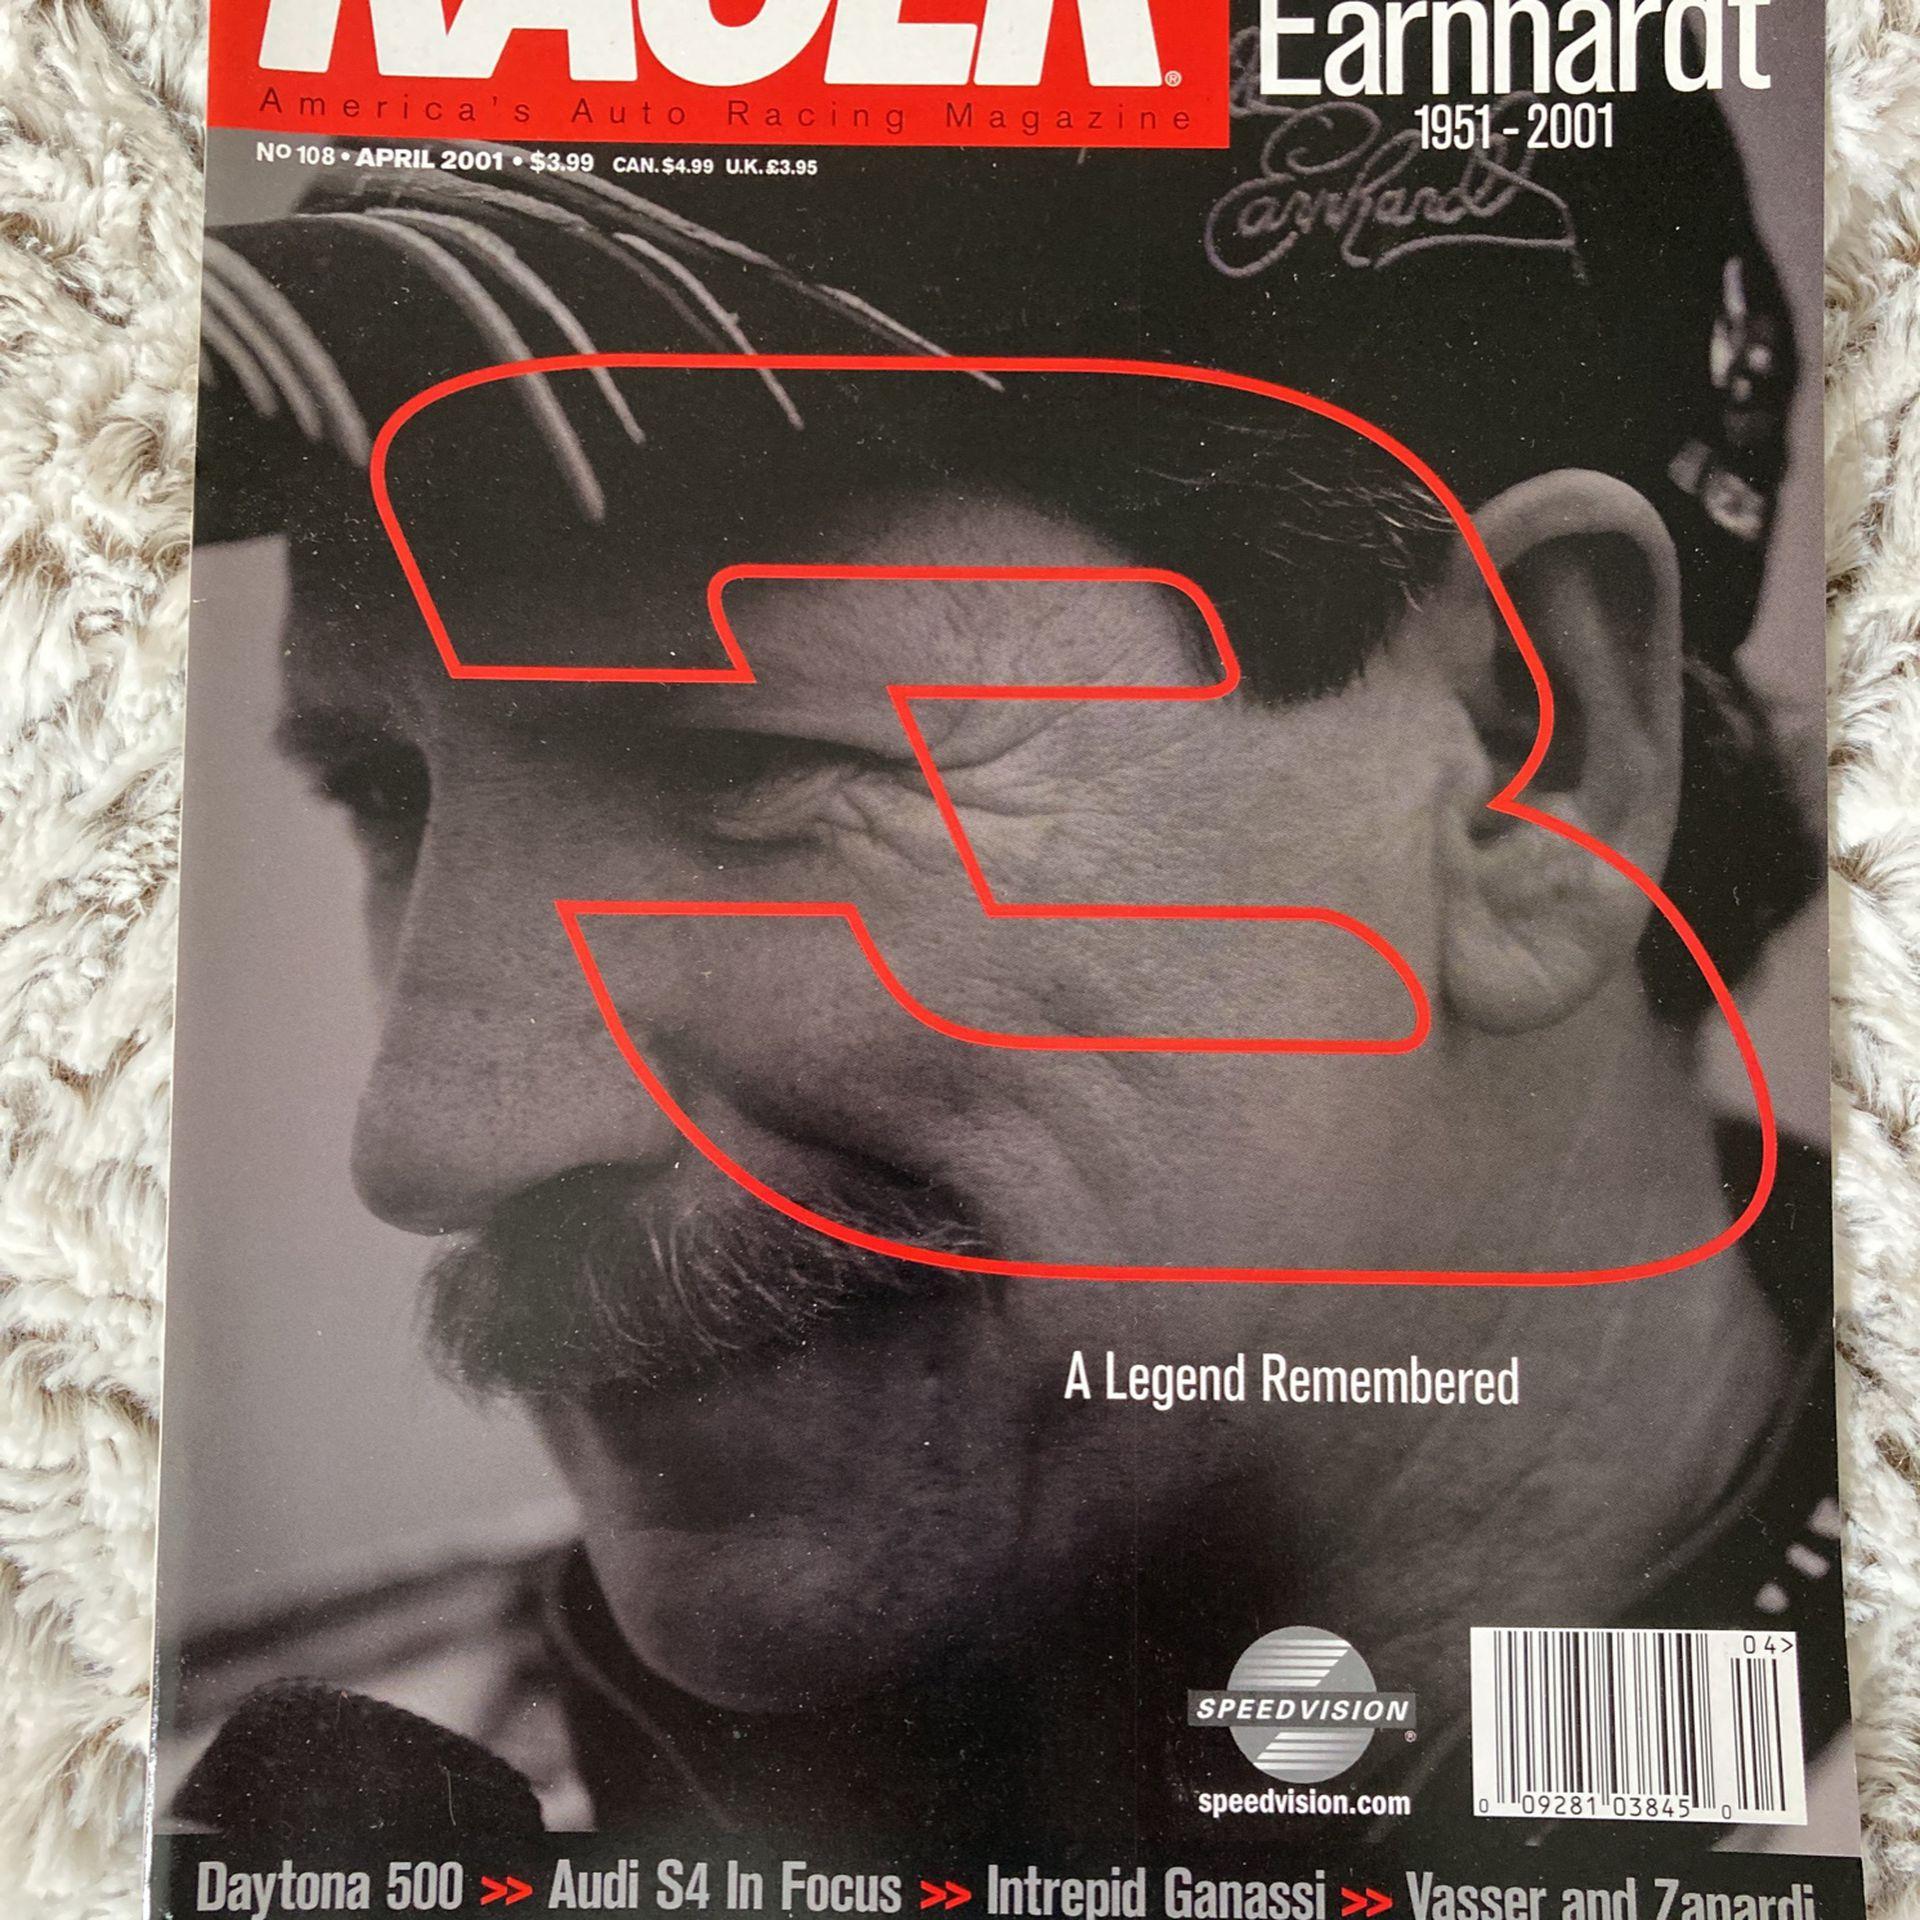 Dale Earnhardt 3